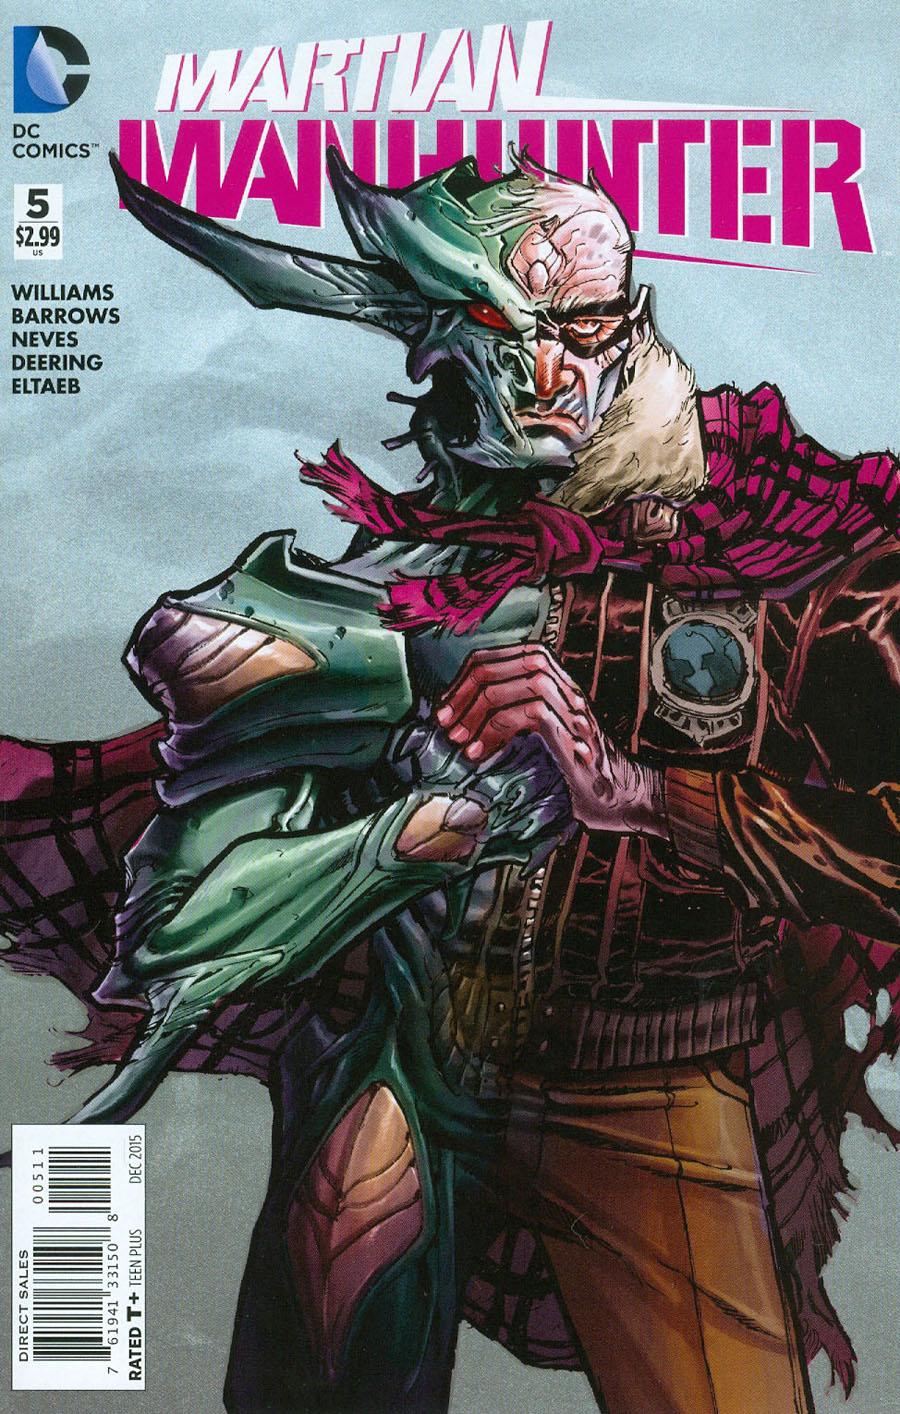 Martian Manhunter Vol 4 #5